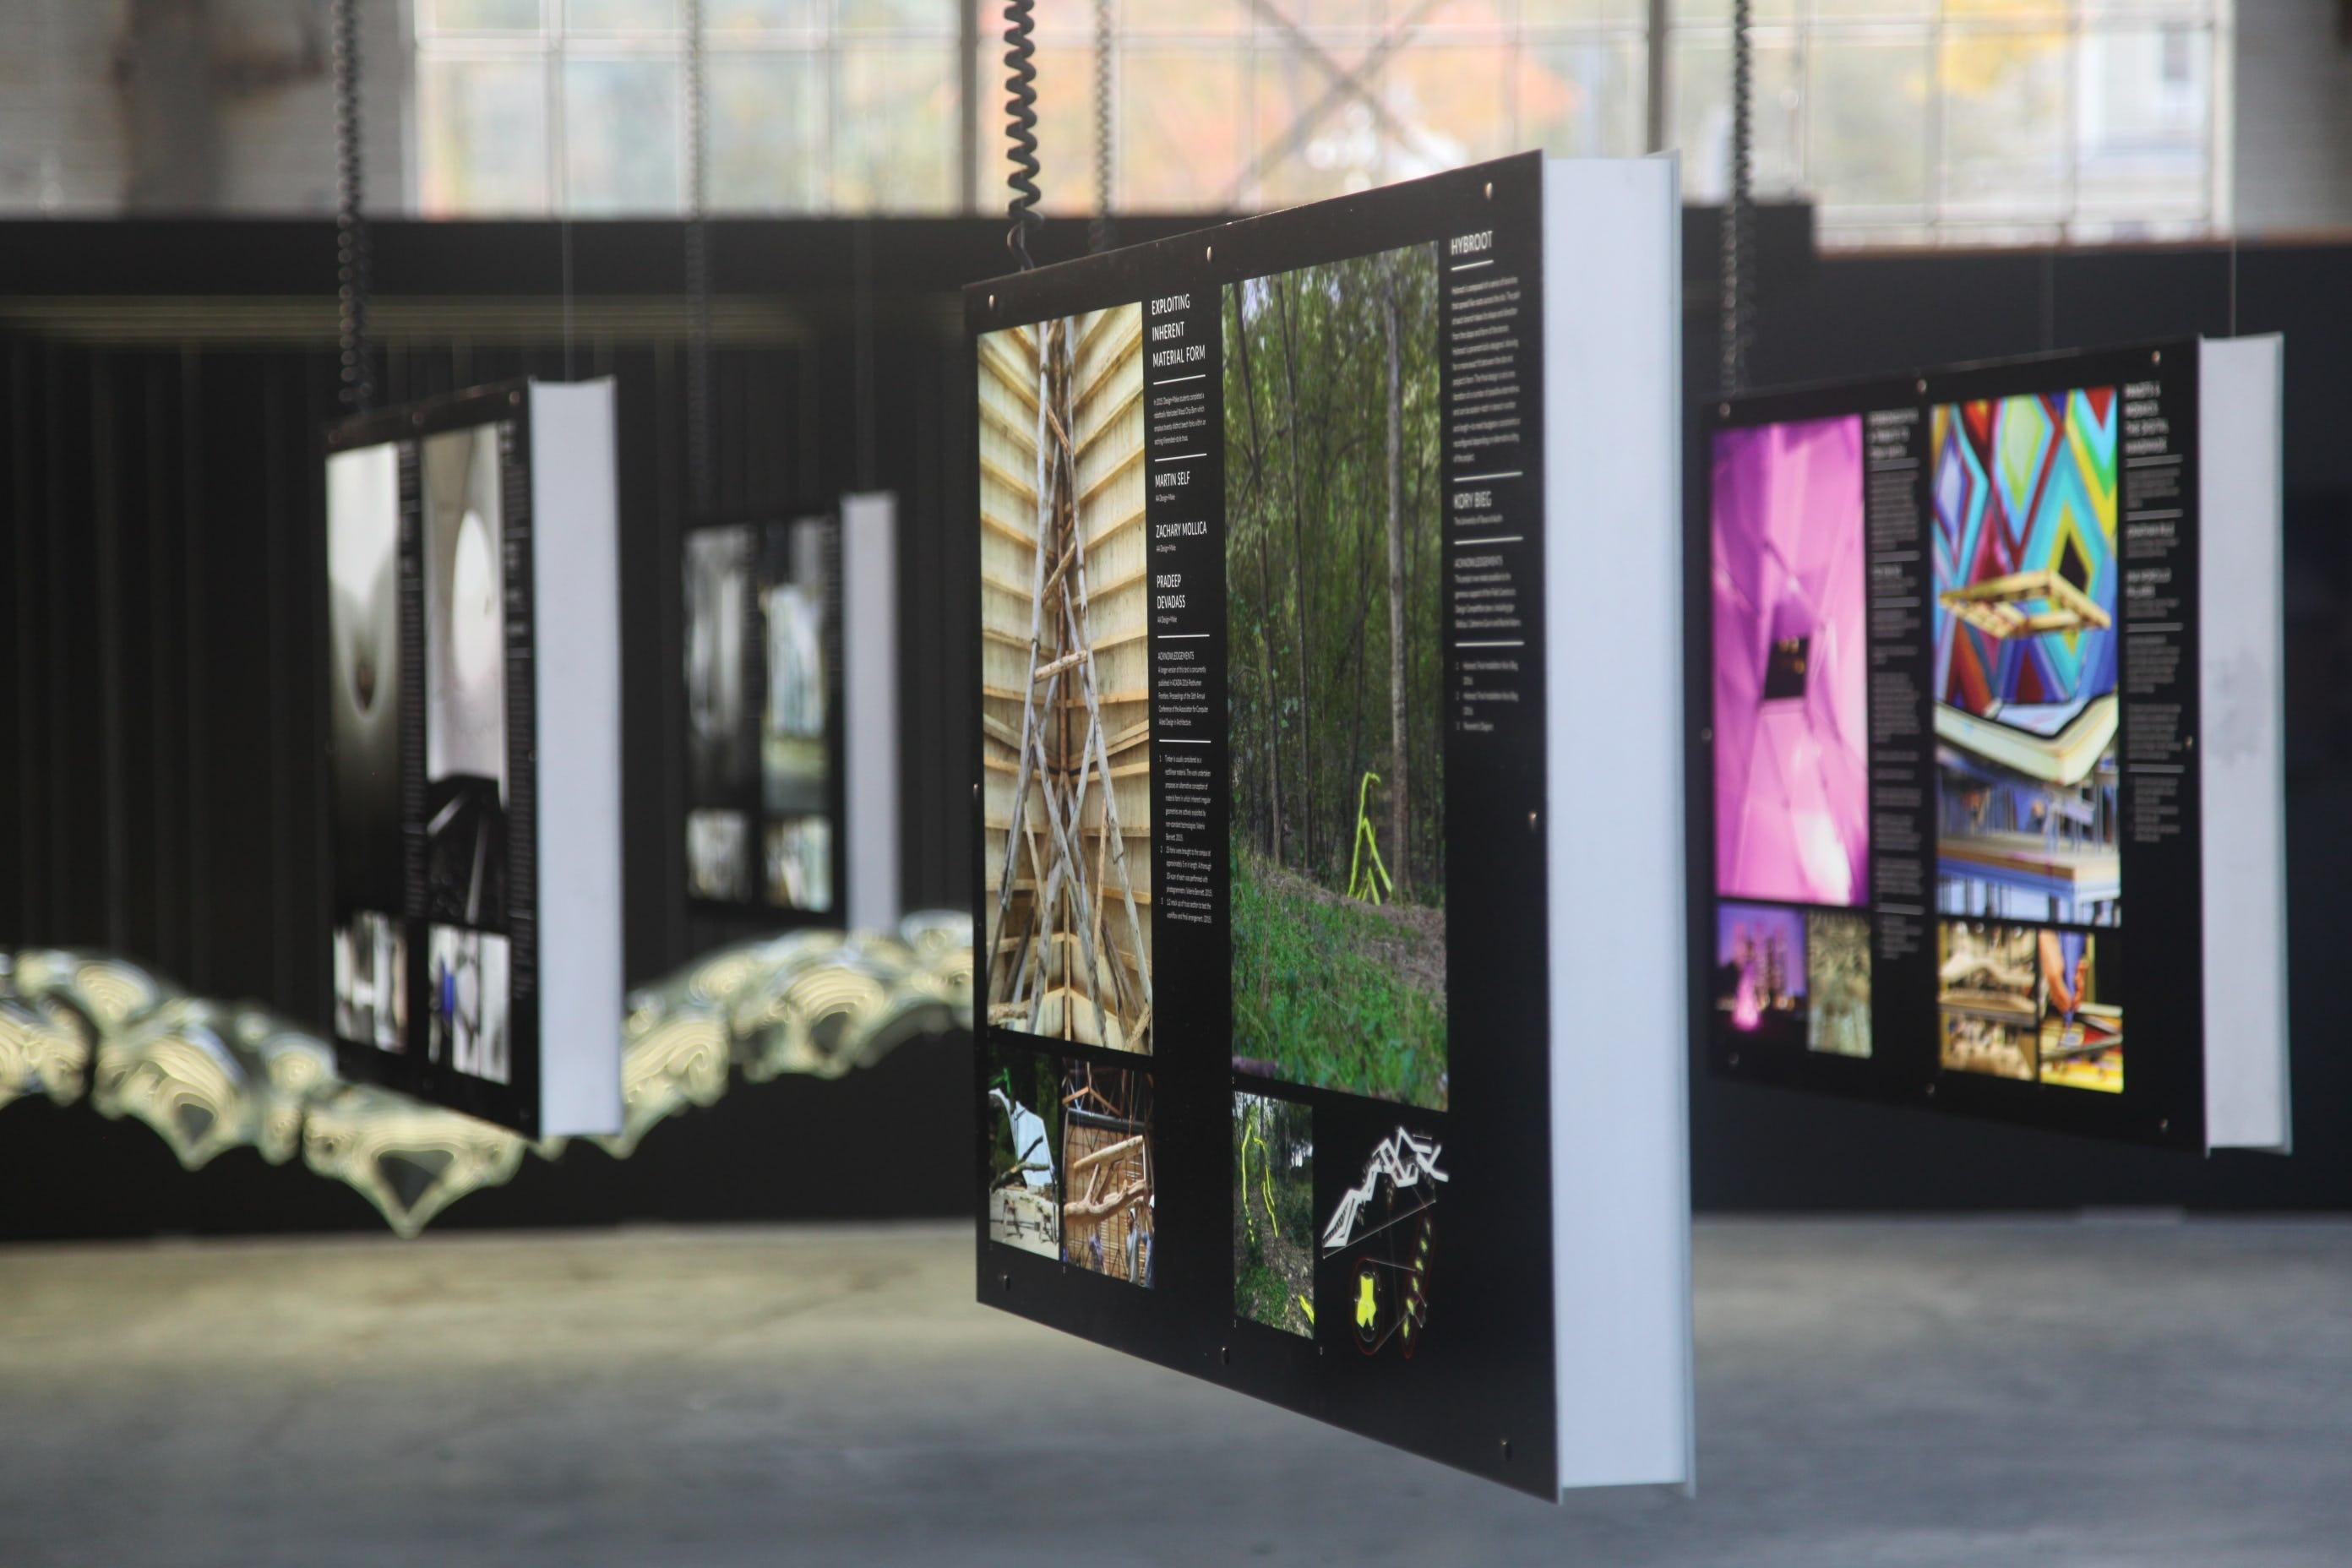 2016 acadia exhibition 30638933952 o